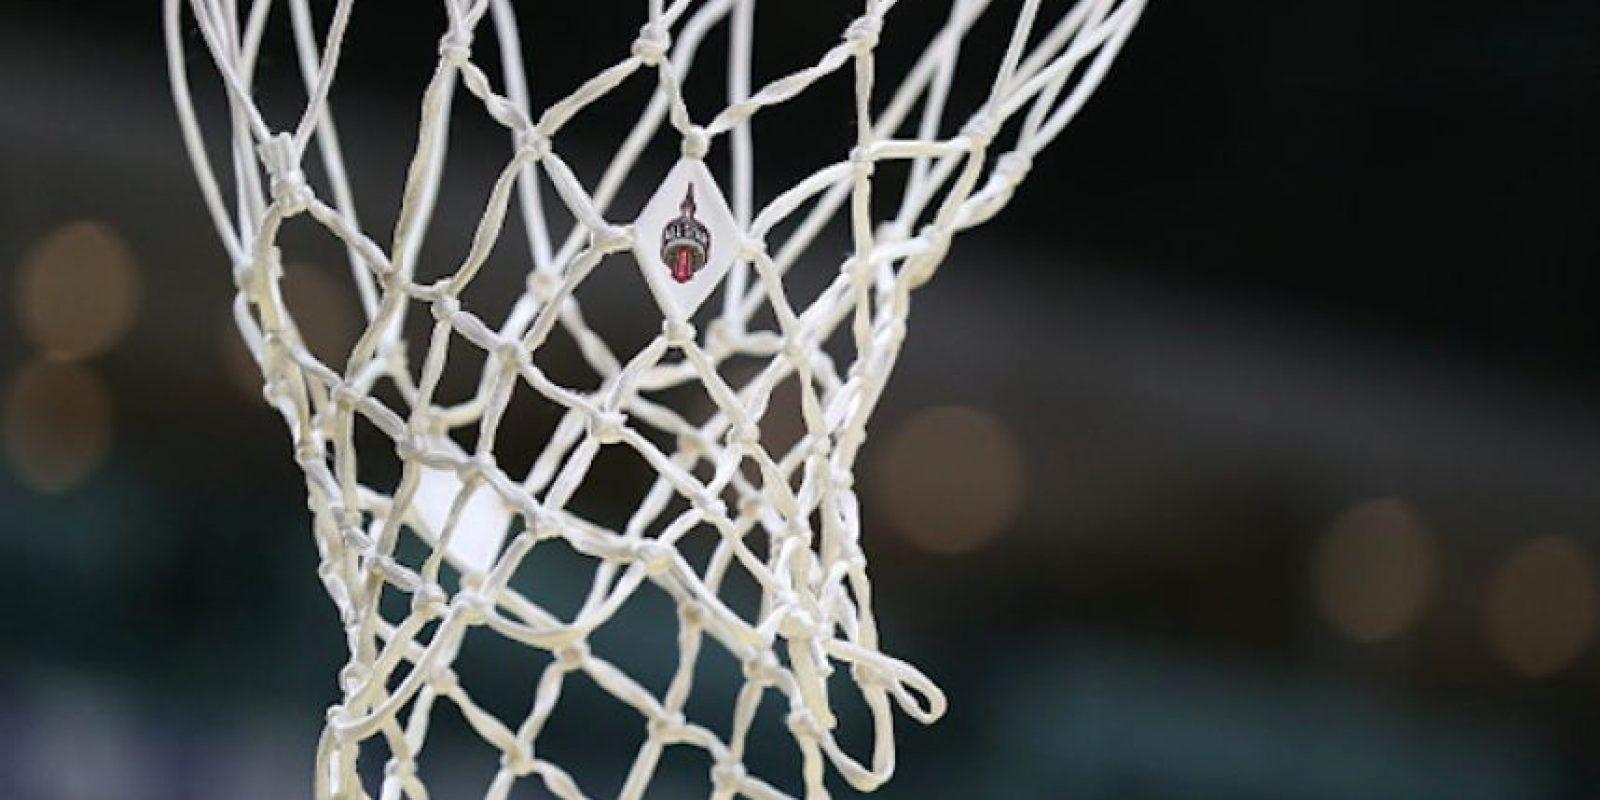 Los Phoenix Suns se enfrentarán a Dallas Mavericks y a San Antonio Spurs en territorio mexicano. Foto:Getty Images